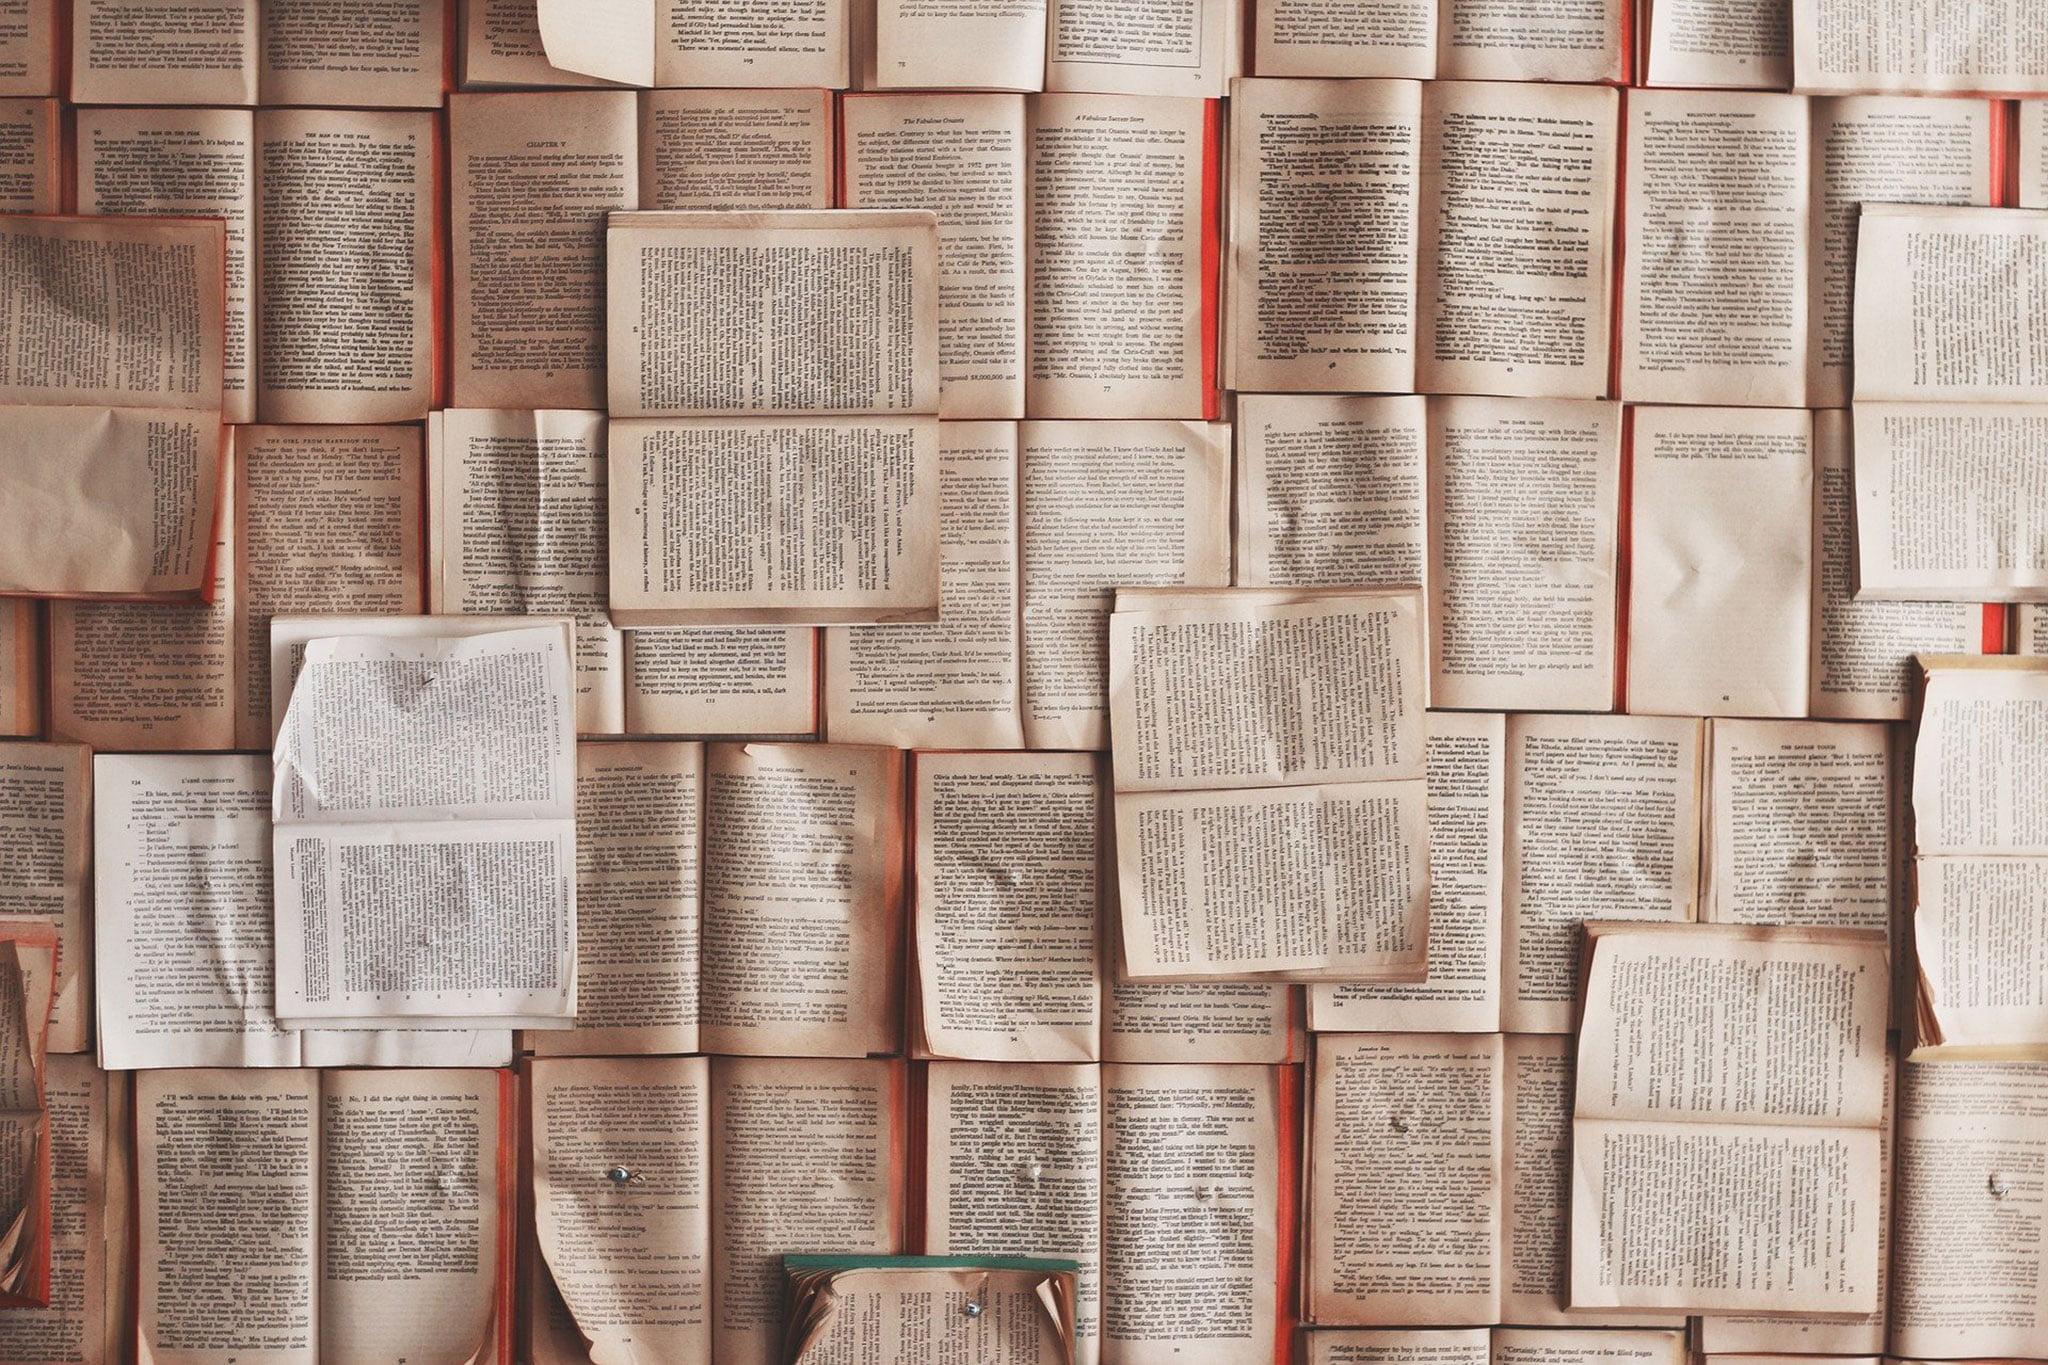 ¿Cómo titularían los autores una novela sobre el confinamiento que estamos viviendo?